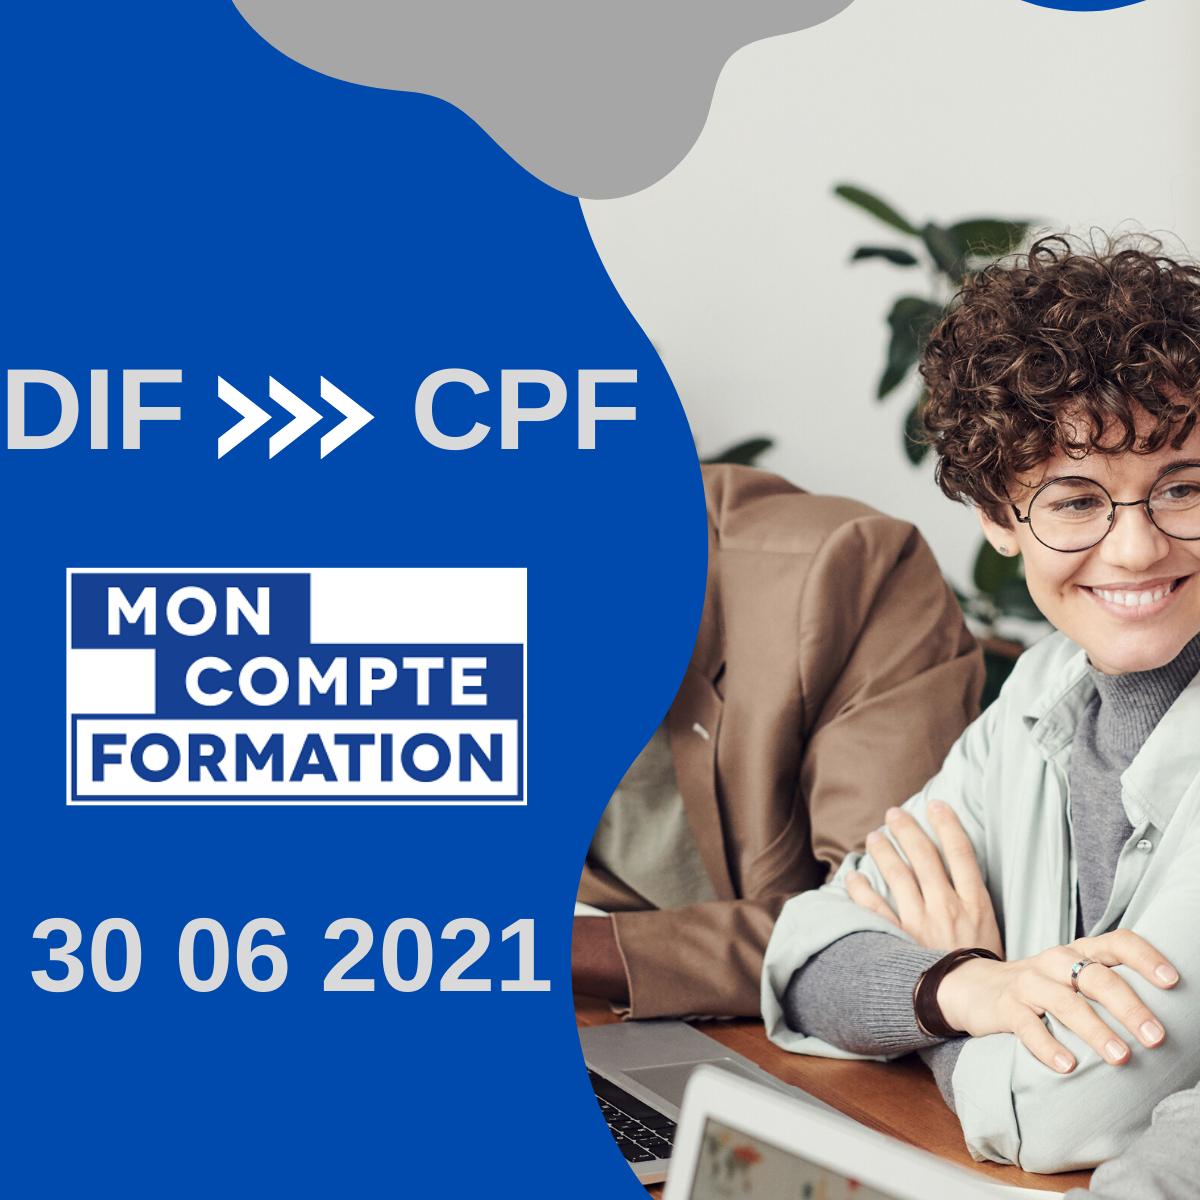 # J- 15 jours pour transférer vos heures DIF sur votre CPF !